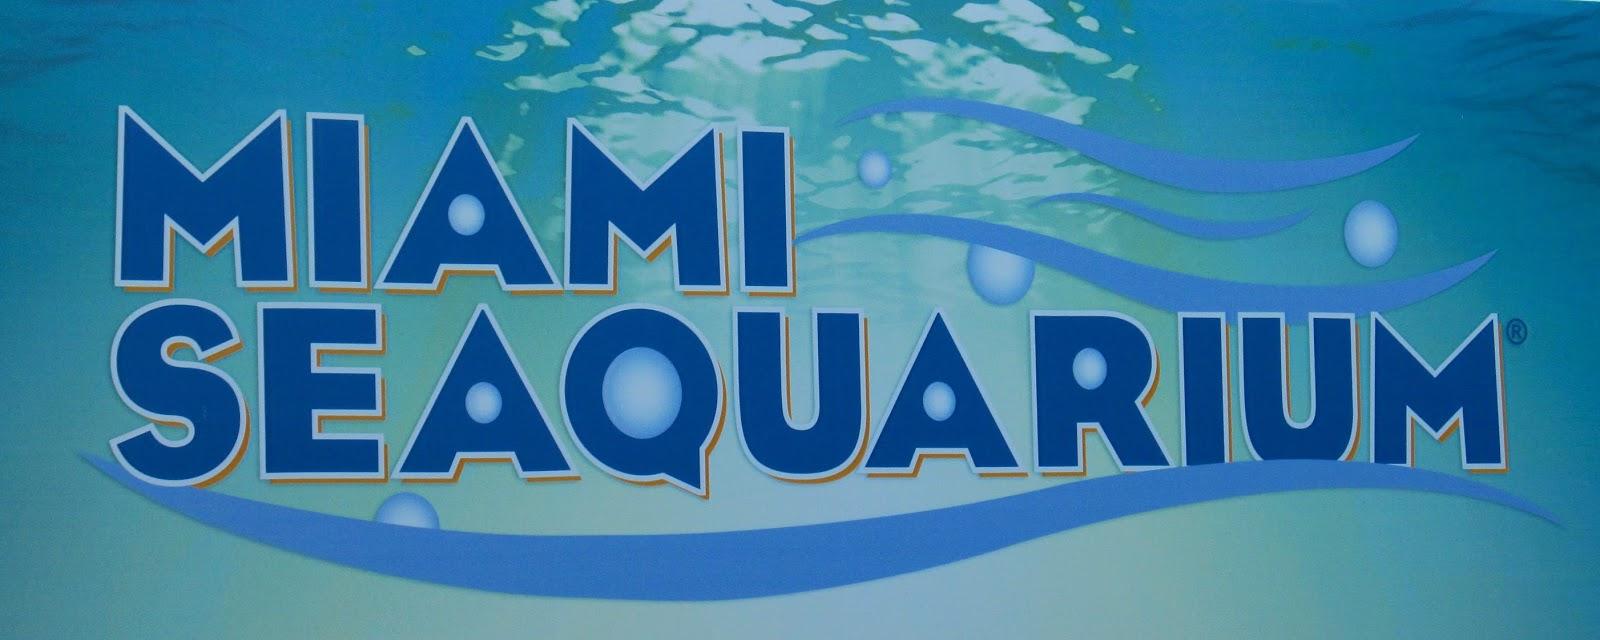 Miami Seaquarium, FL - ouroutdoortravels.blogspot.com